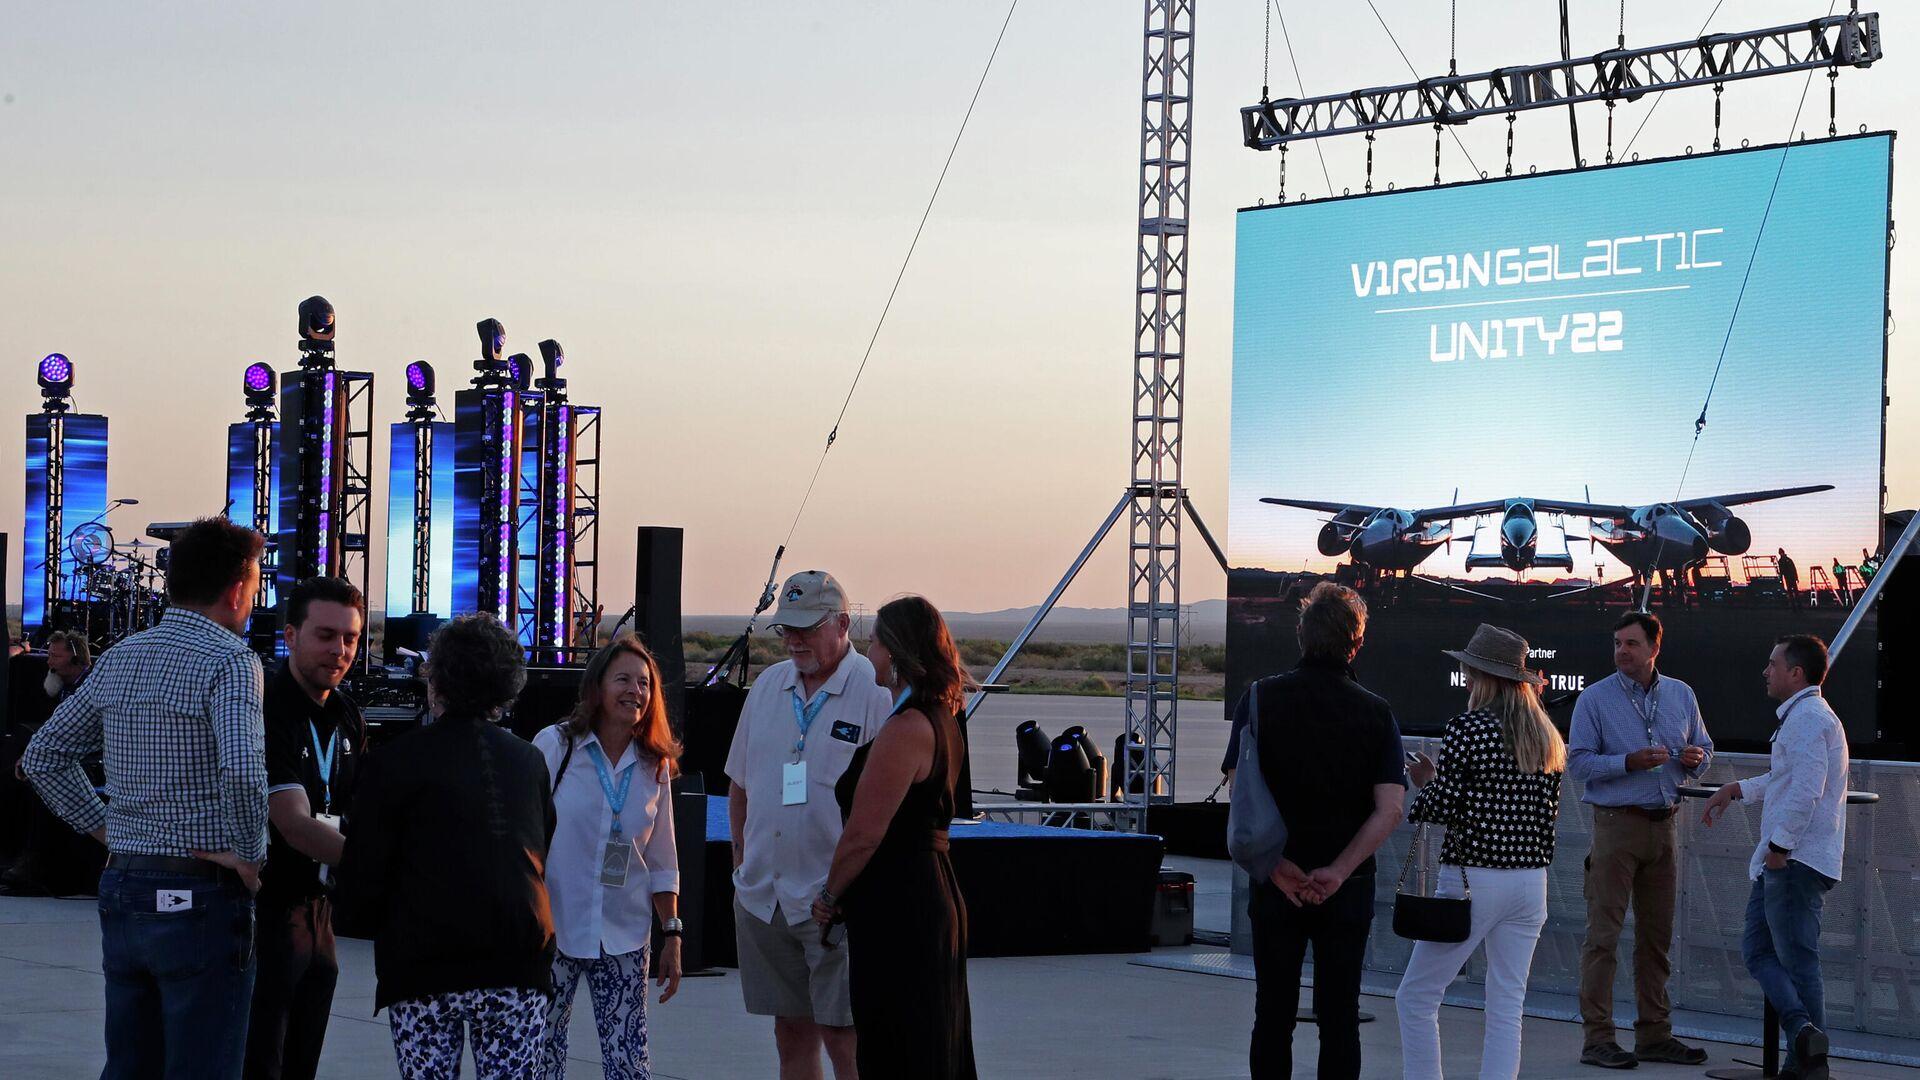 Гости собираются перед экраном, где будет проходить трансляция полета Ричарда Брэнсона на космическом корабле VSS Unity компании Virgin Galactic - РИА Новости, 1920, 06.08.2021